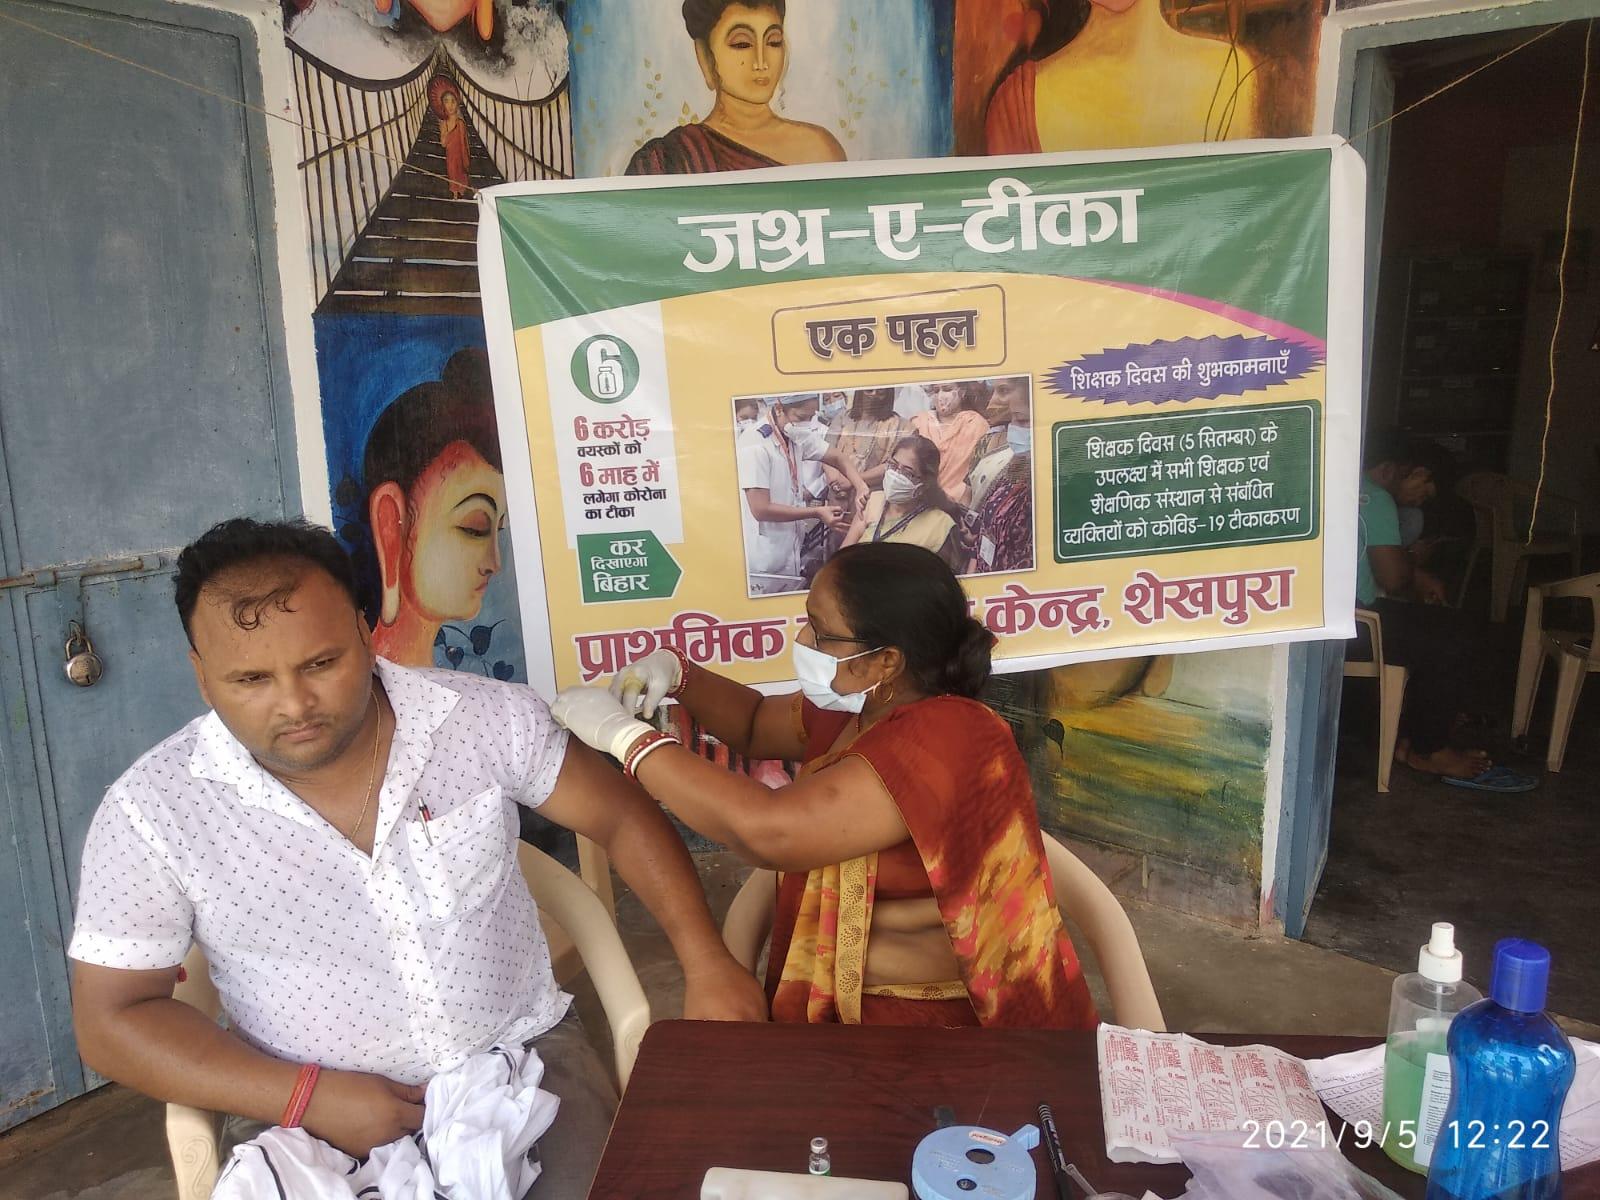 शिक्षक दिवस के अवसर पर शिक्षकों का टीकाकरण